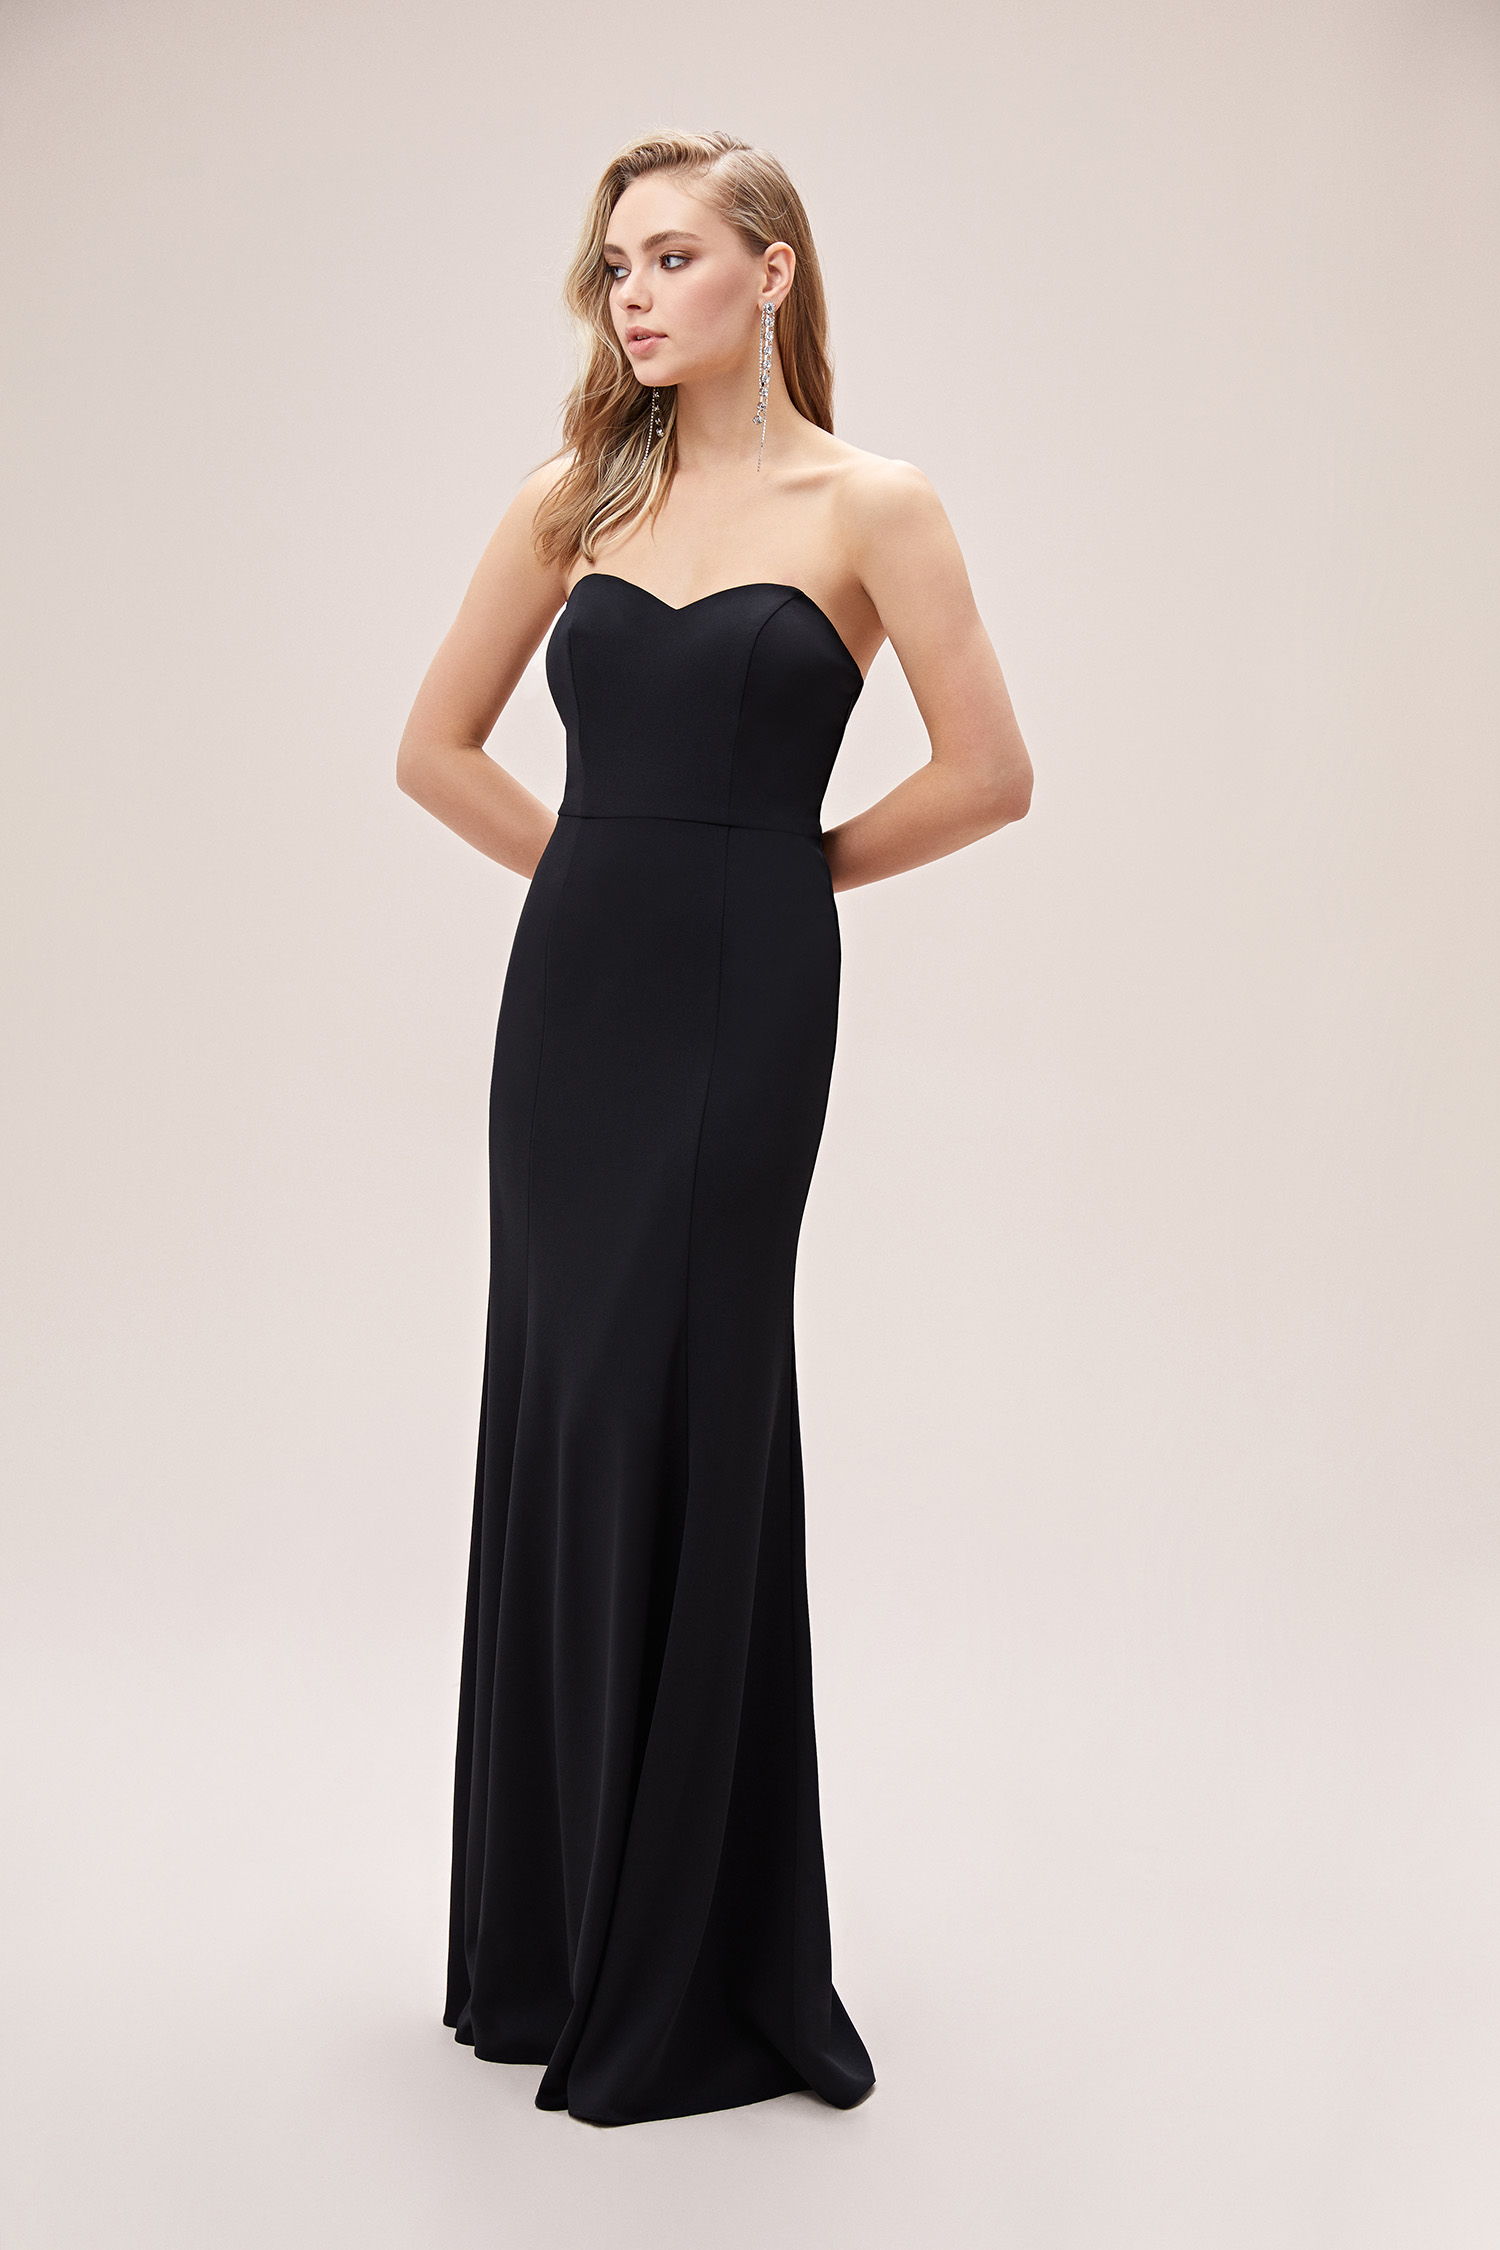 Siyah Straplez Krep Uzun Abiye Elbise - Thumbnail